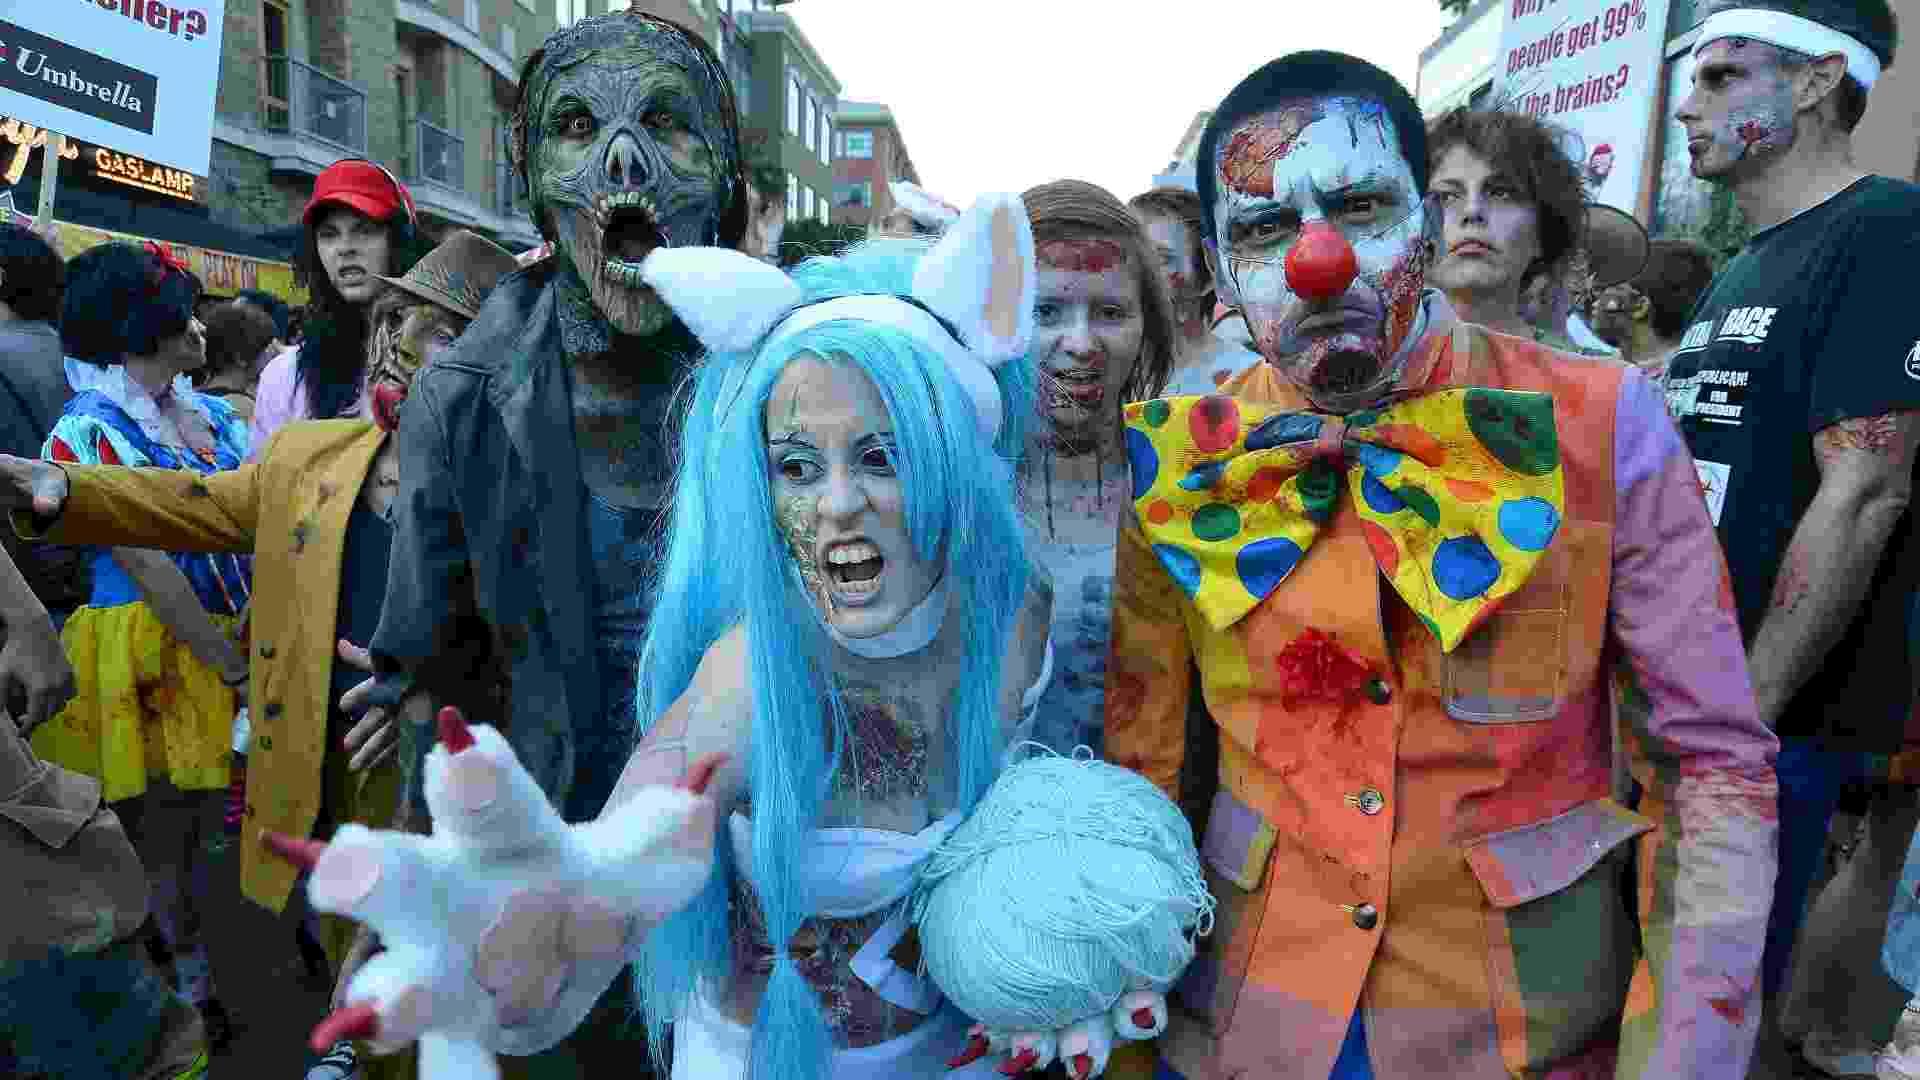 Fãs participam da Caminhada dos Zumbis na San Diego Comic-Con (13/07/2012) -  Frazer Harrison/Getty Images